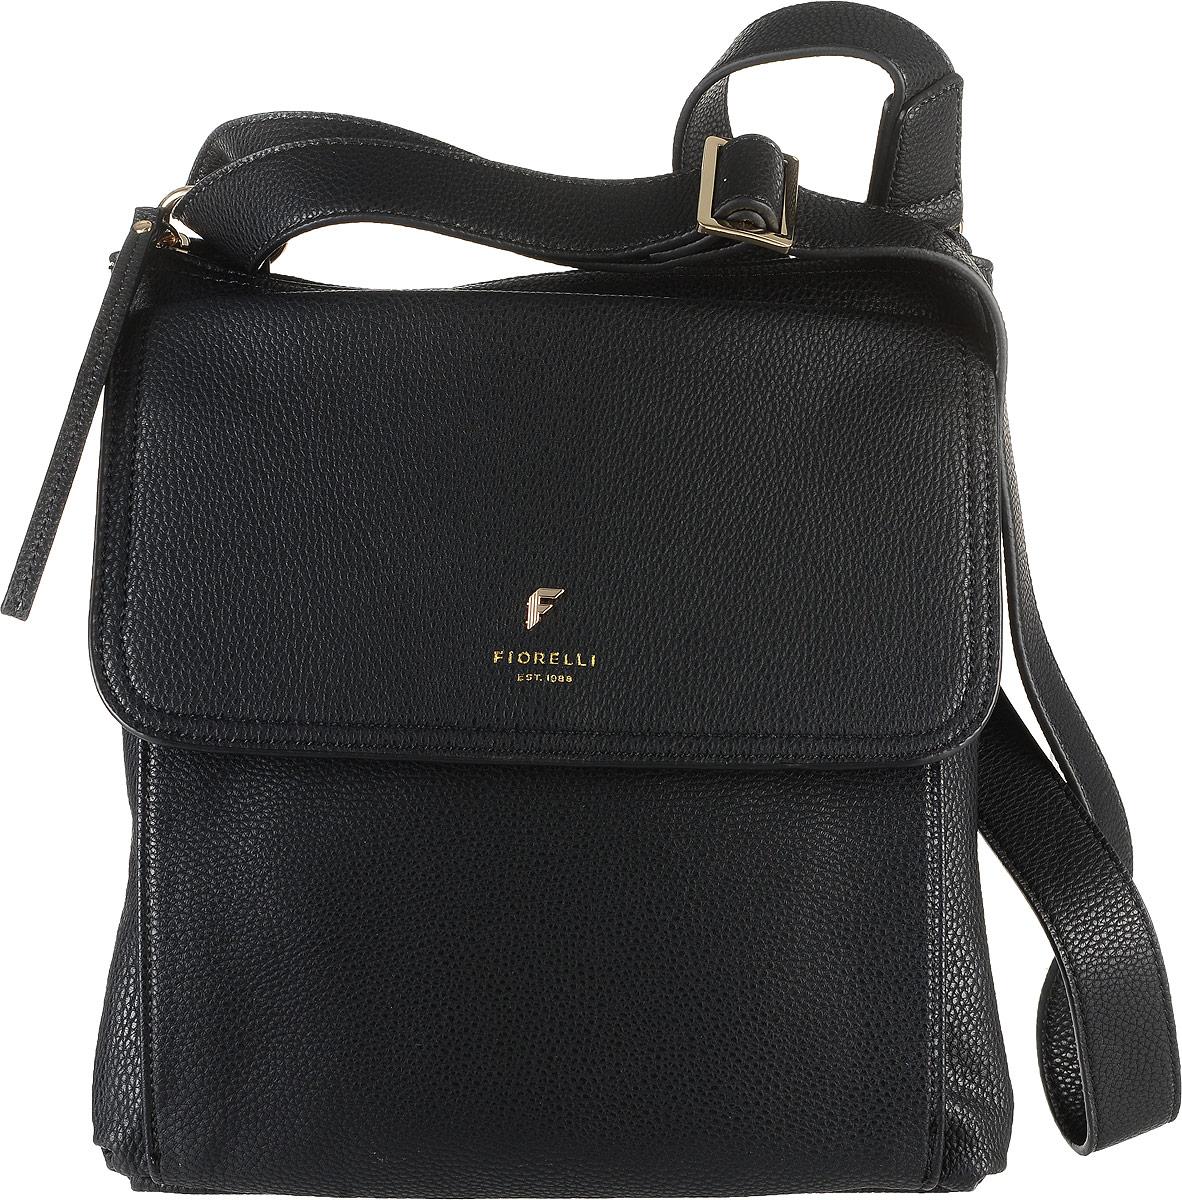 Сумка женская Fiorelli, цвет: черный. 8585 FH8585 FH Black CasualСтильная сумка Fiorelli выполнена из высококачественной искусственной кожи зернистой текстуры. Изделие оформлено фирменной надписью и металлической пластинкой с логотипом бренда. На лицевой стороне расположен удобный накладной объемный карман, который закрывается клапаном на магнитную кнопку. Сумка оснащена широким плечевым ремнем, длина которого регулируется с помощью пряжки. Изделие закрывается на застежку-молнию. Внутри расположено главное отделение, которое содержит два открытых накладных кармана для телефона и мелочей и один вшитый карман на молнии.